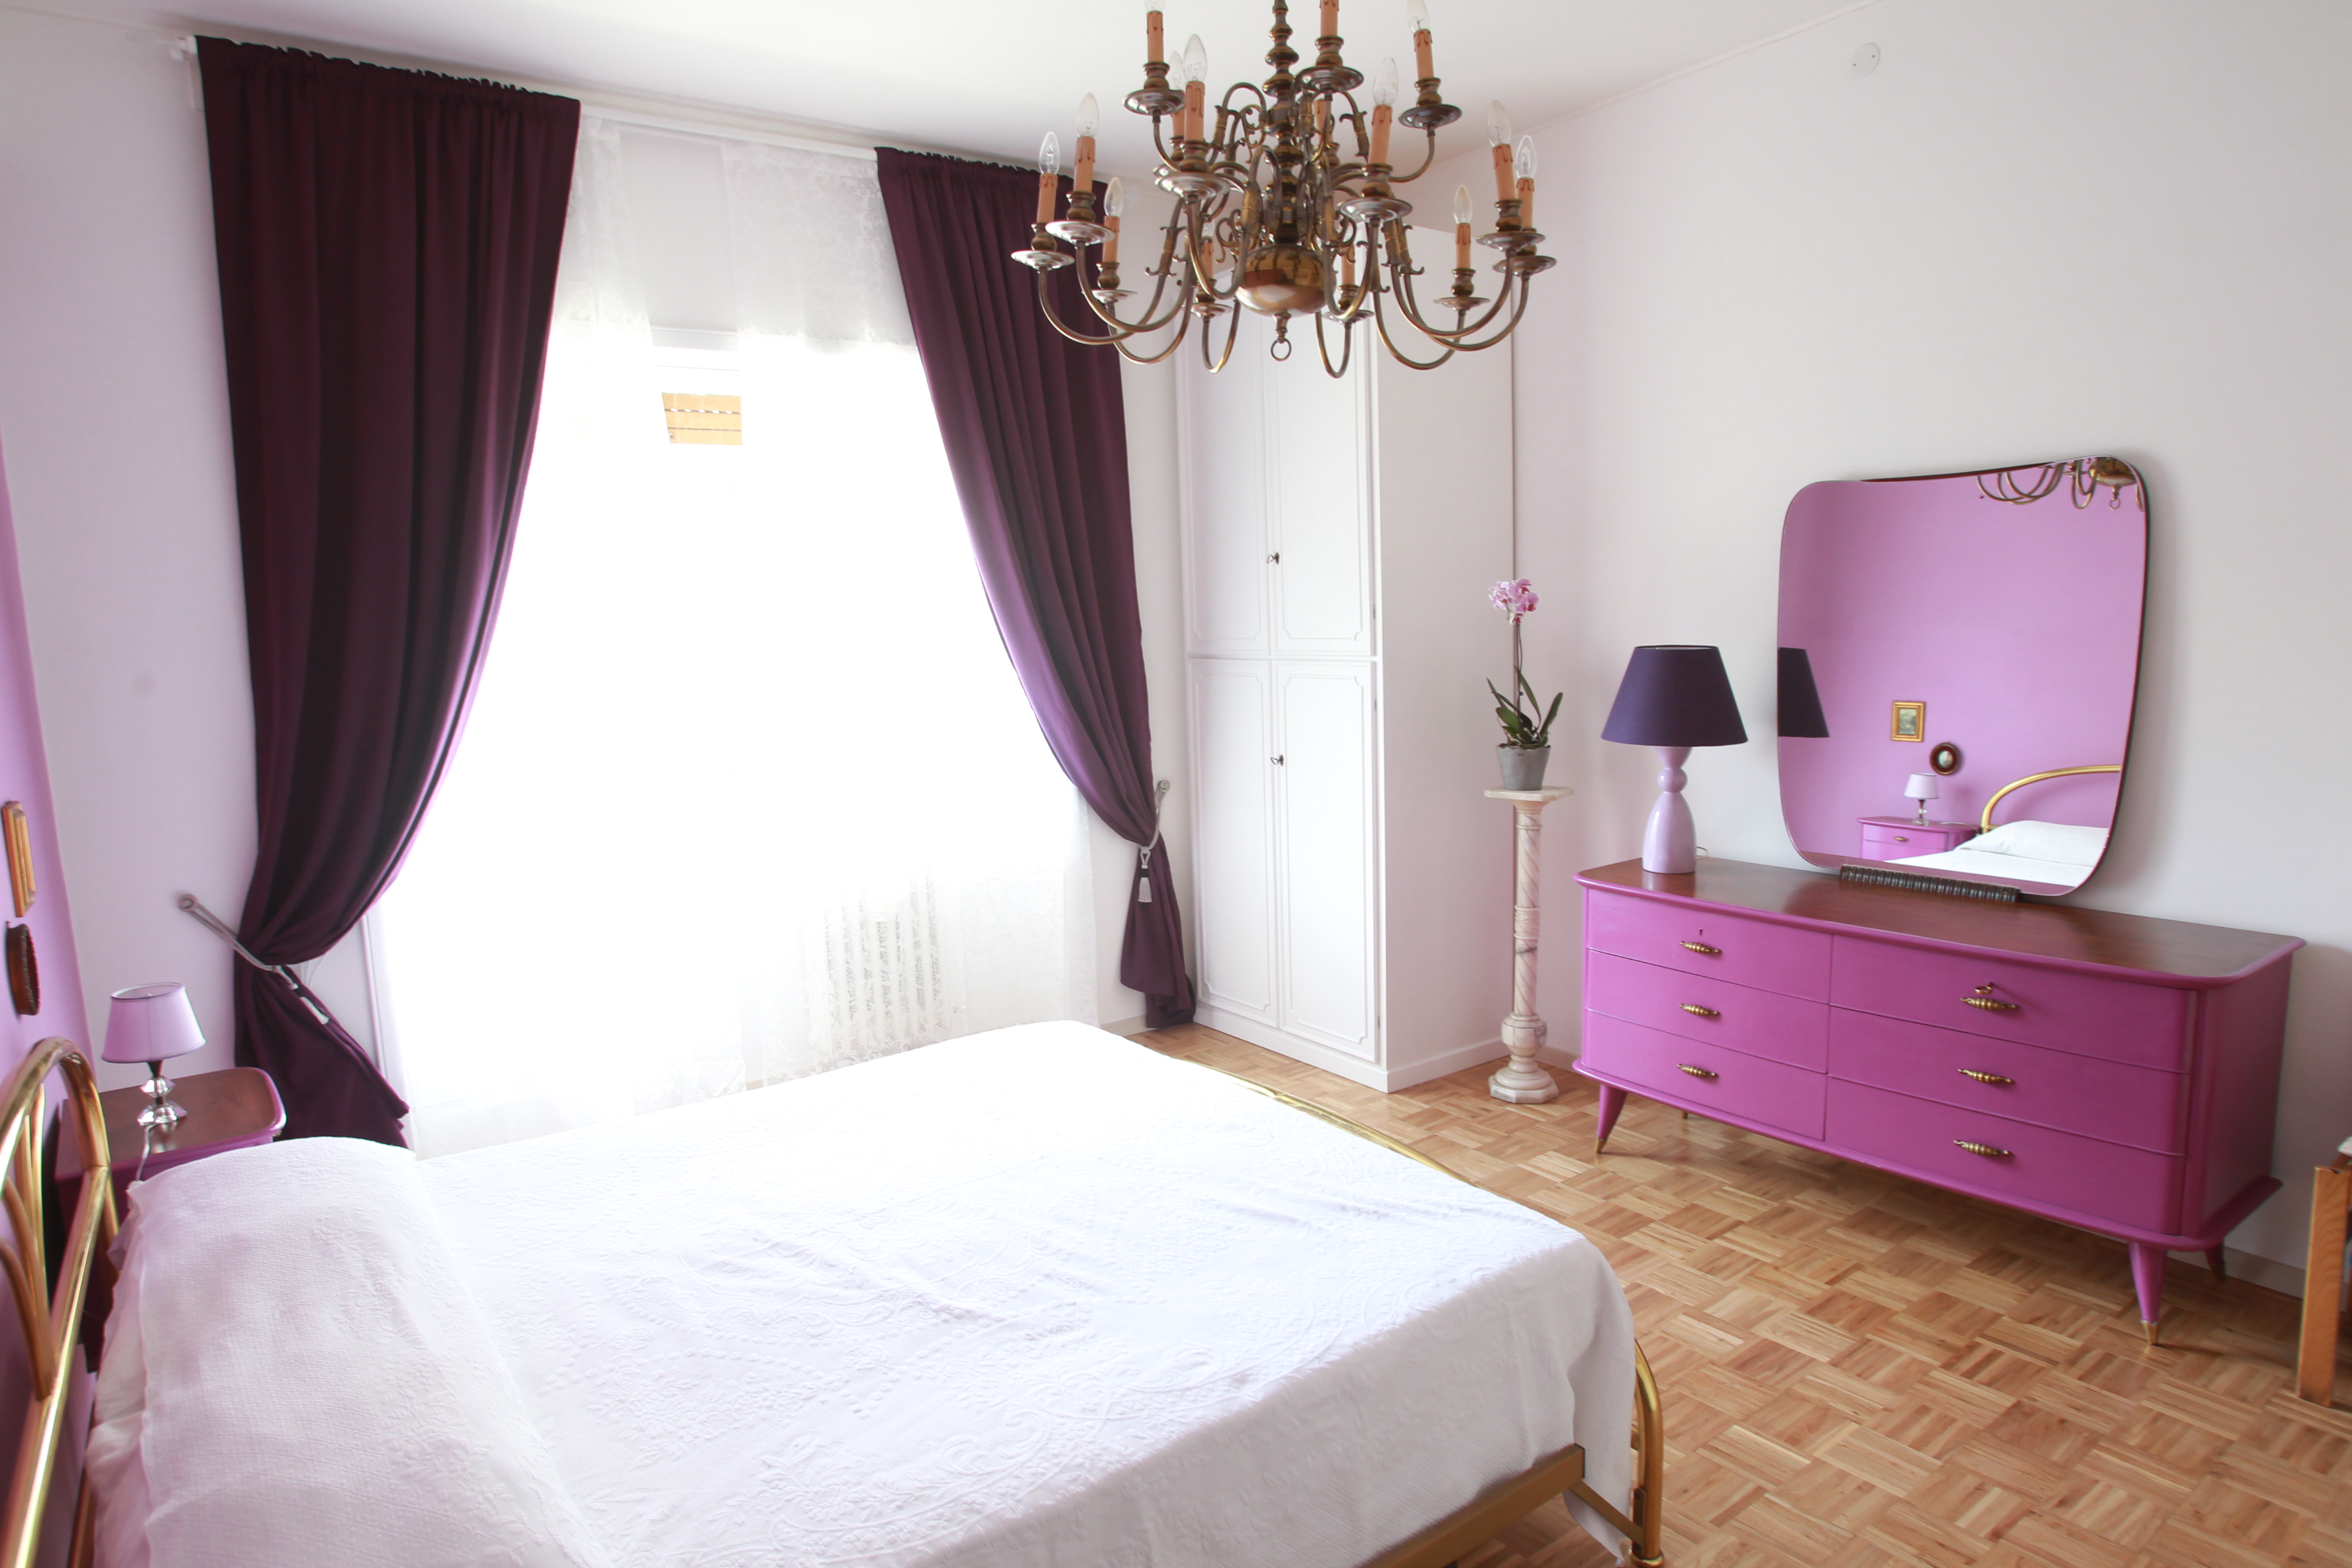 إقامة وإفطار بفندق لو ستانزي دي سارا